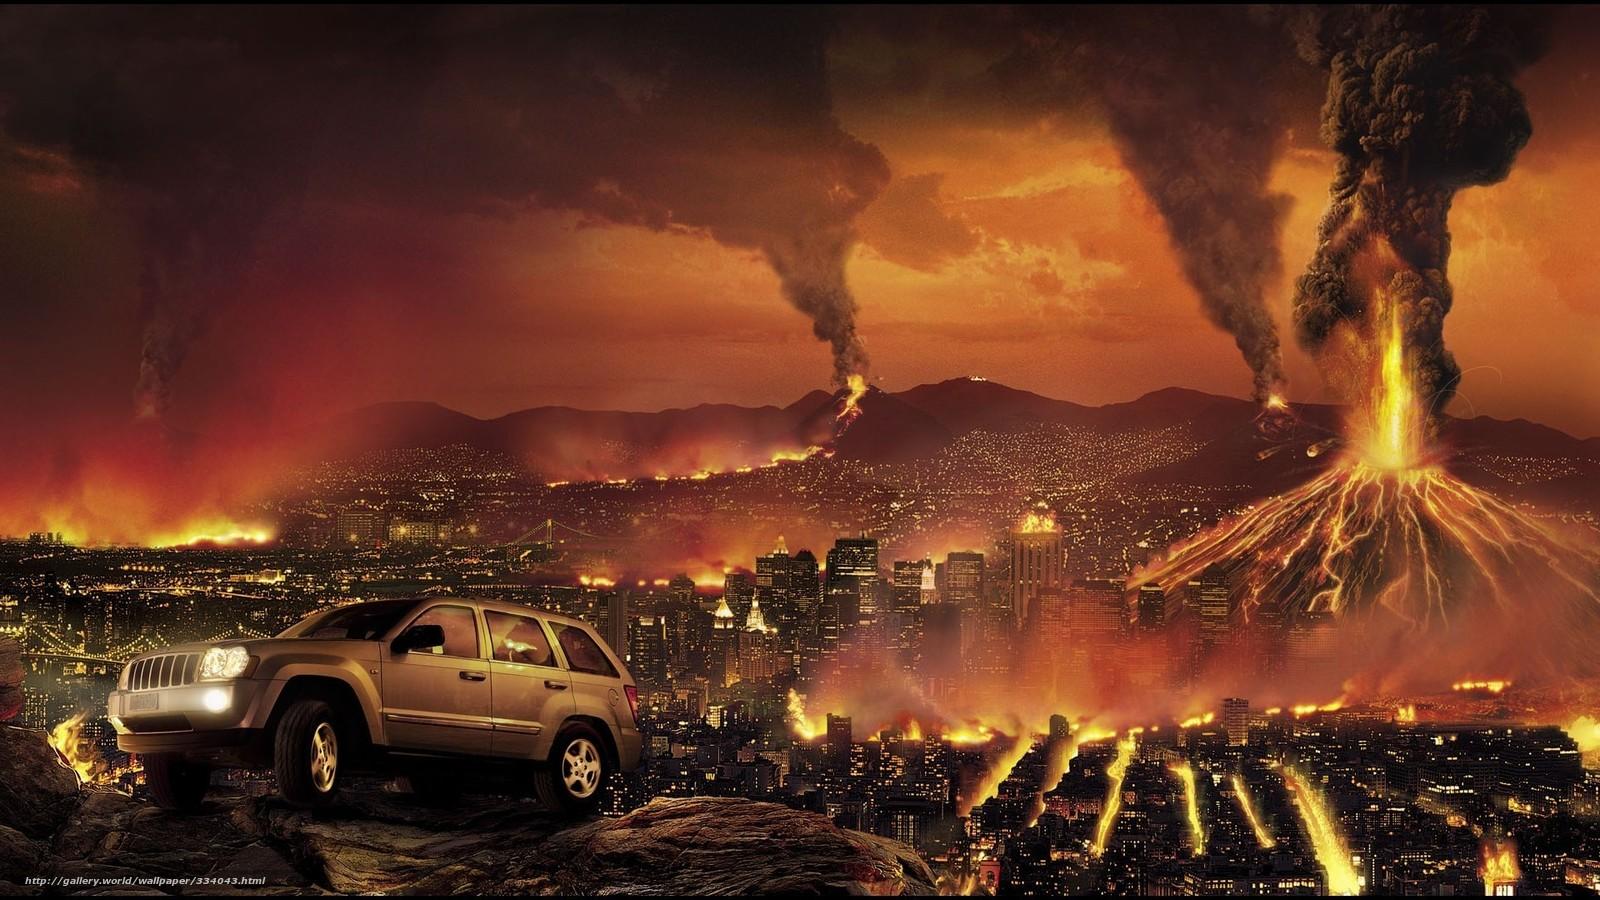 بشر از چه زمانی از گرمای جهانی ساخته ی خود آگاه بوده است